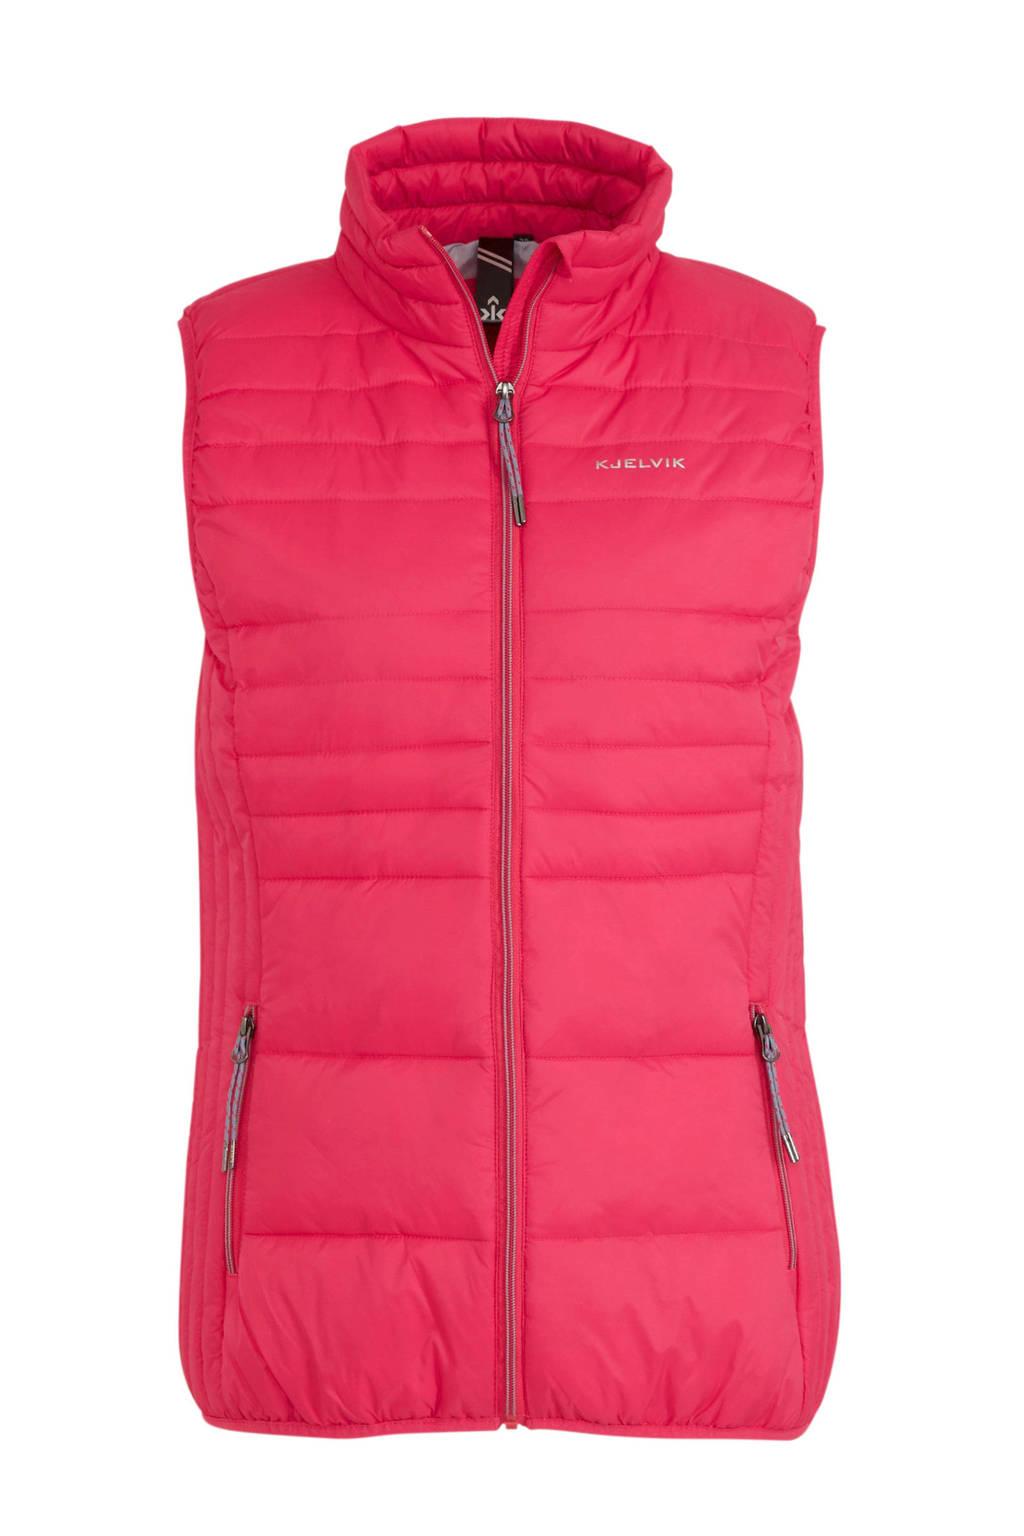 Kjelvik outdoor bodywarmer roze, Roze